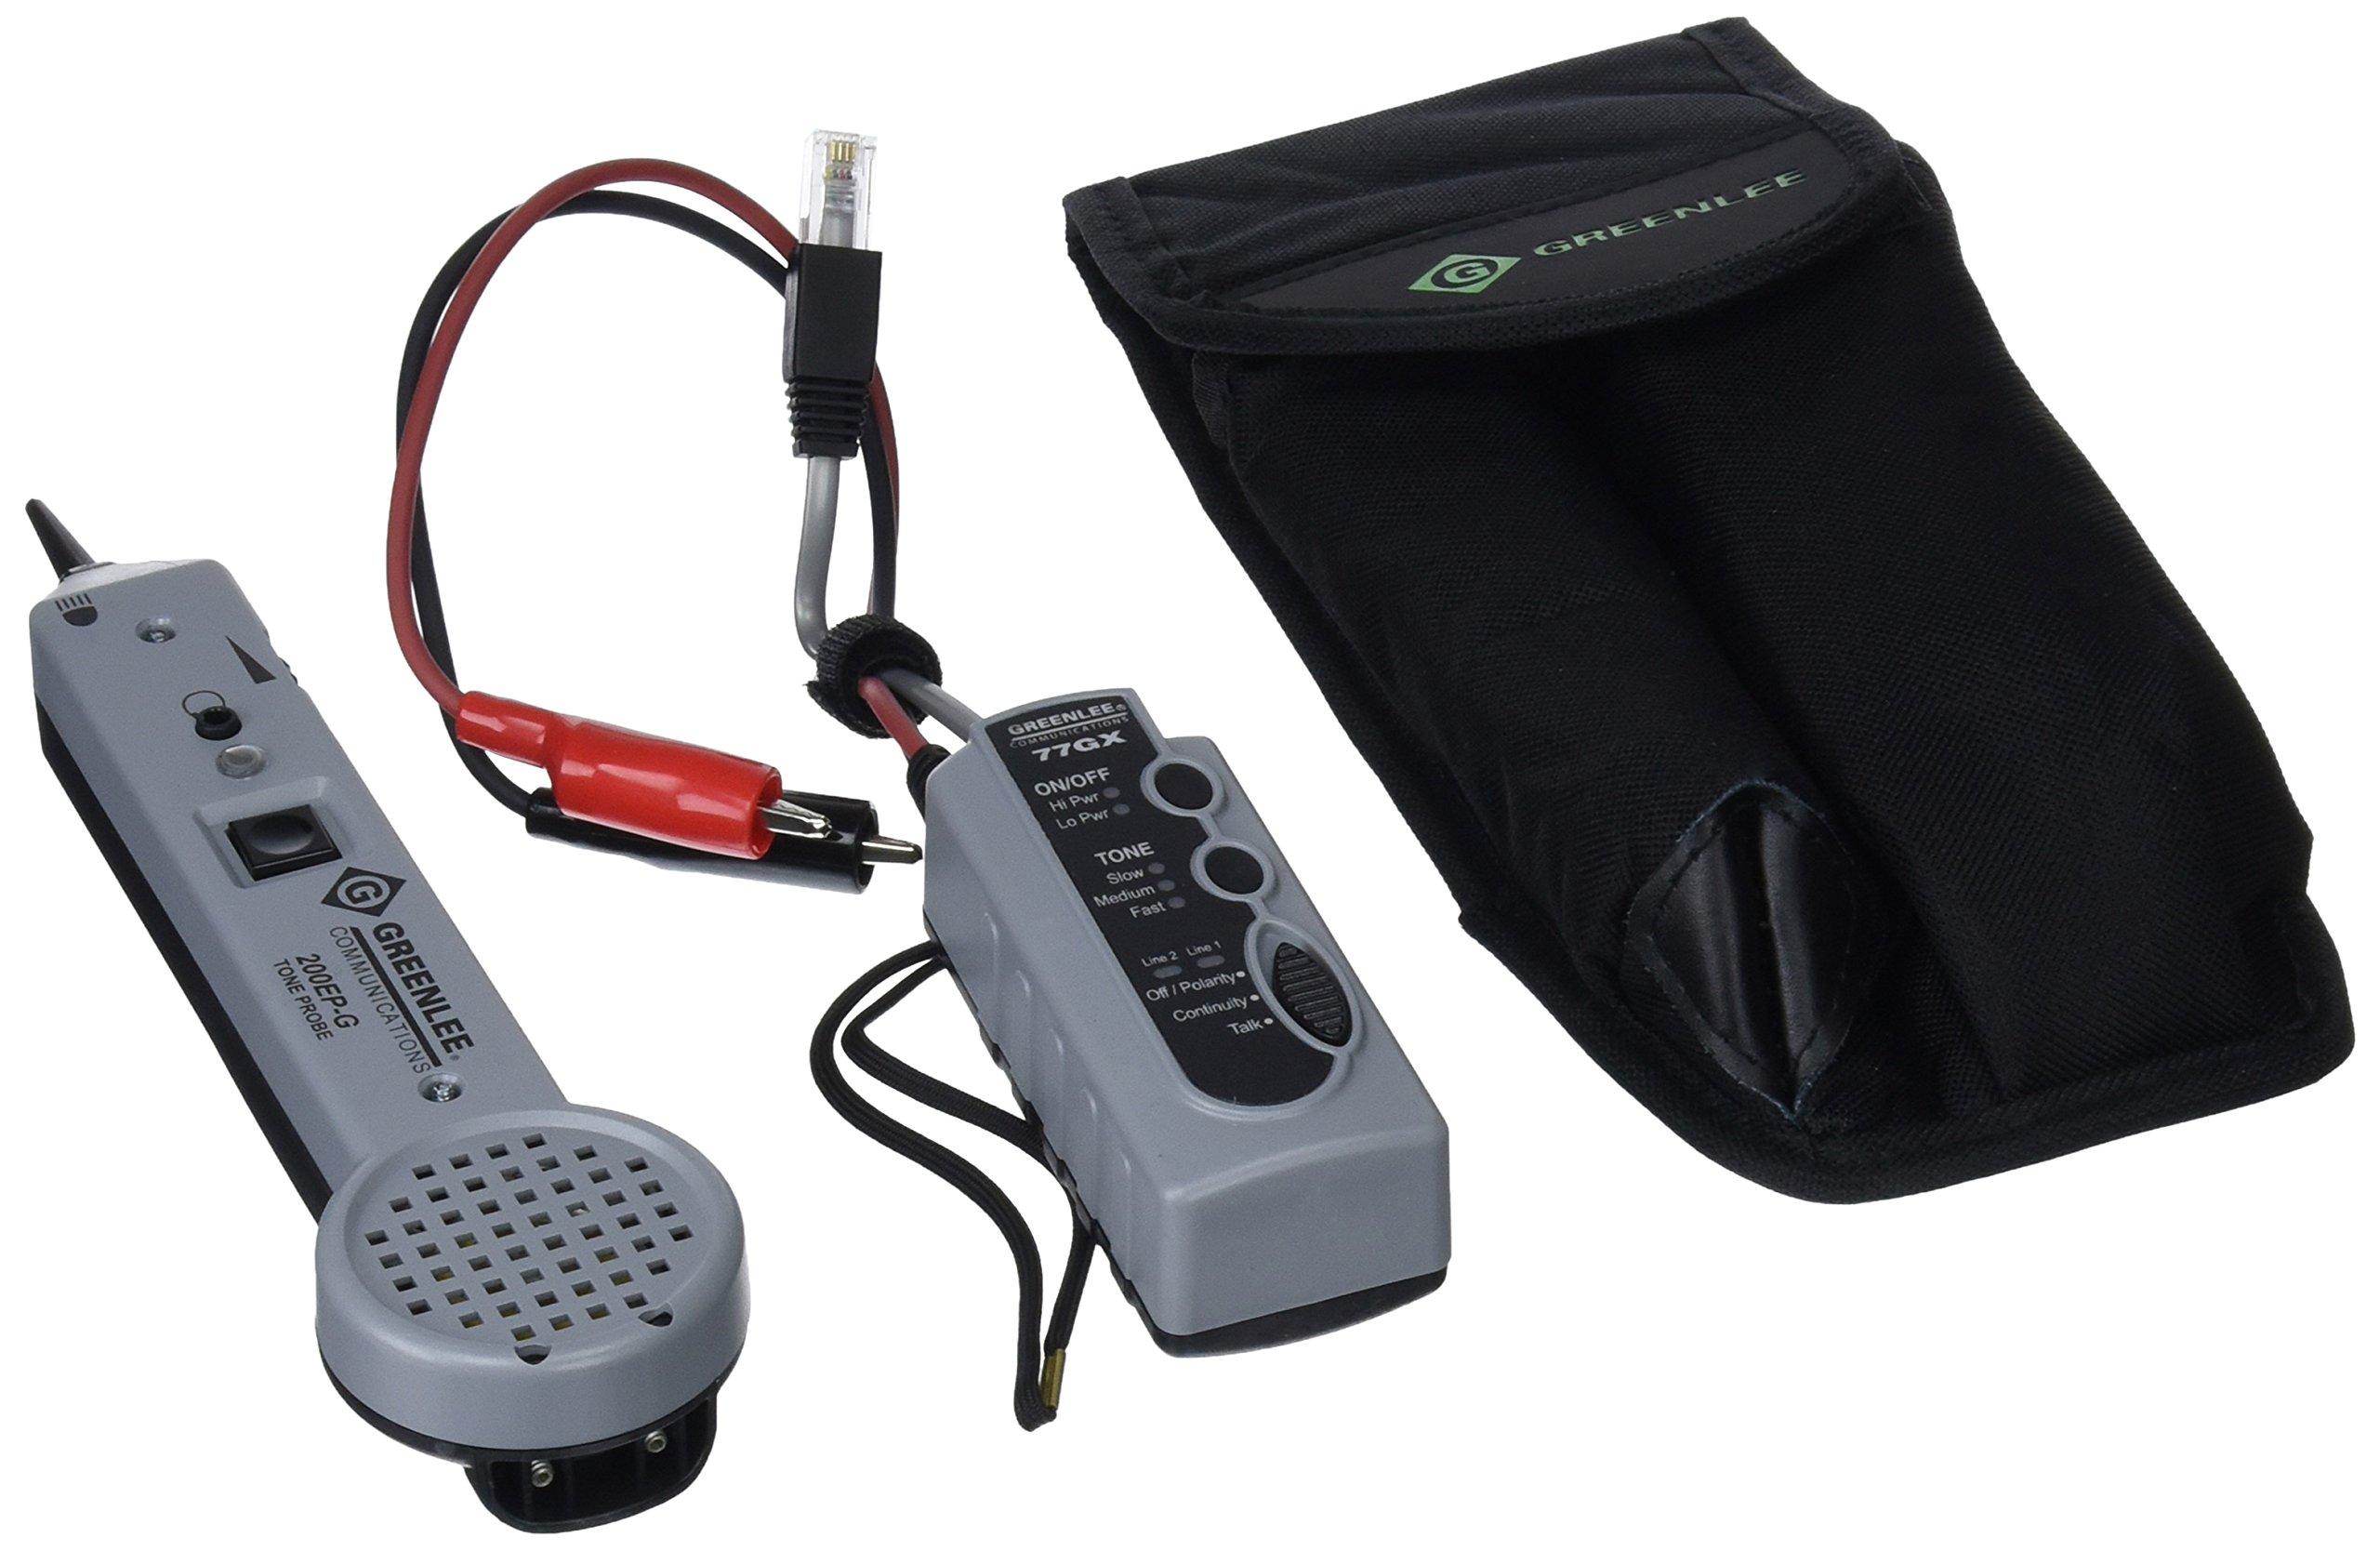 Greenlee-711-K-Professional-Ton-und-Sonde-Kit